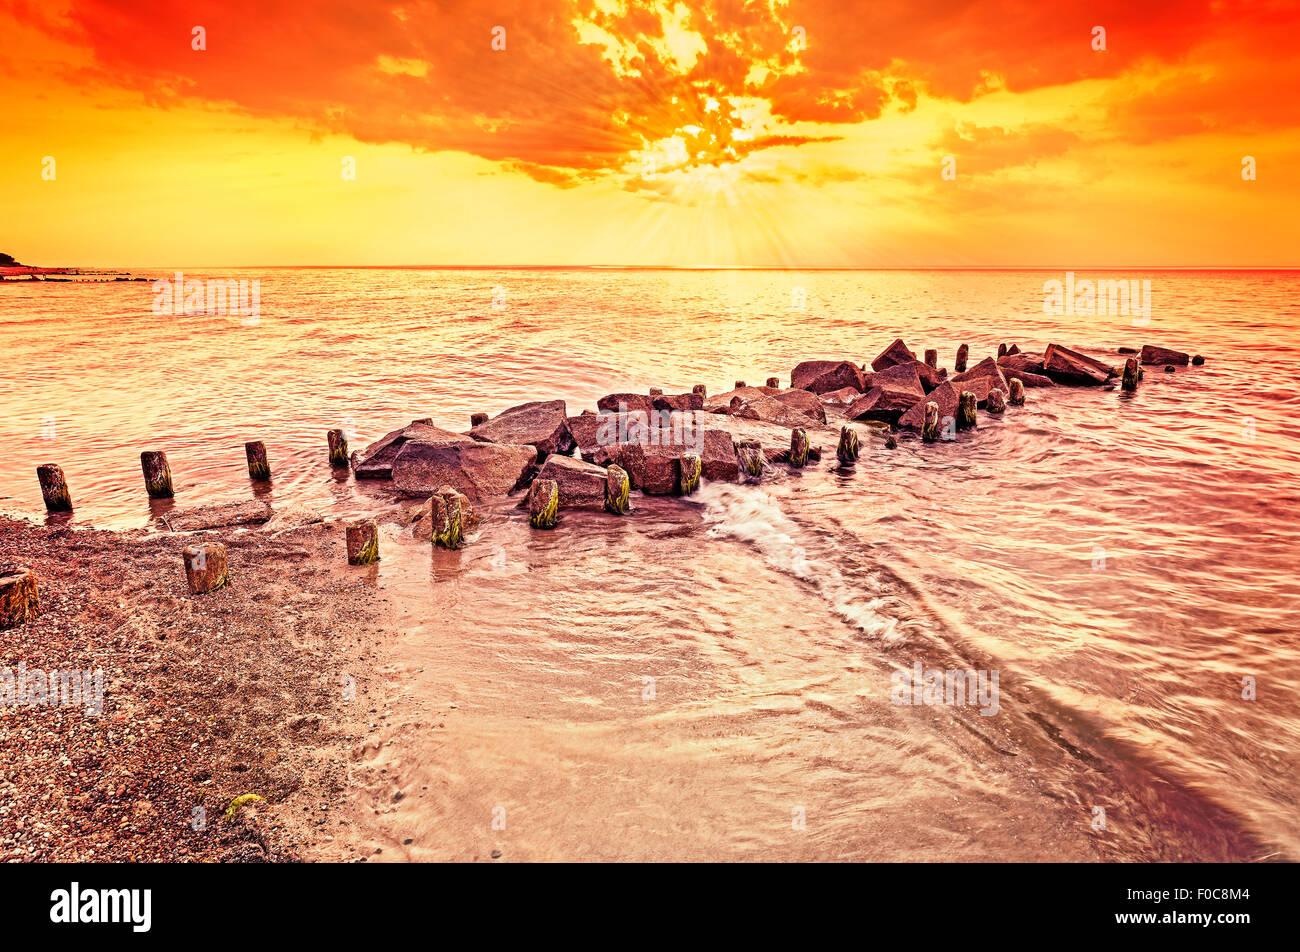 Ambre magnifique coucher de soleil sur plage, l'arrière-plan d'été. Photo Stock